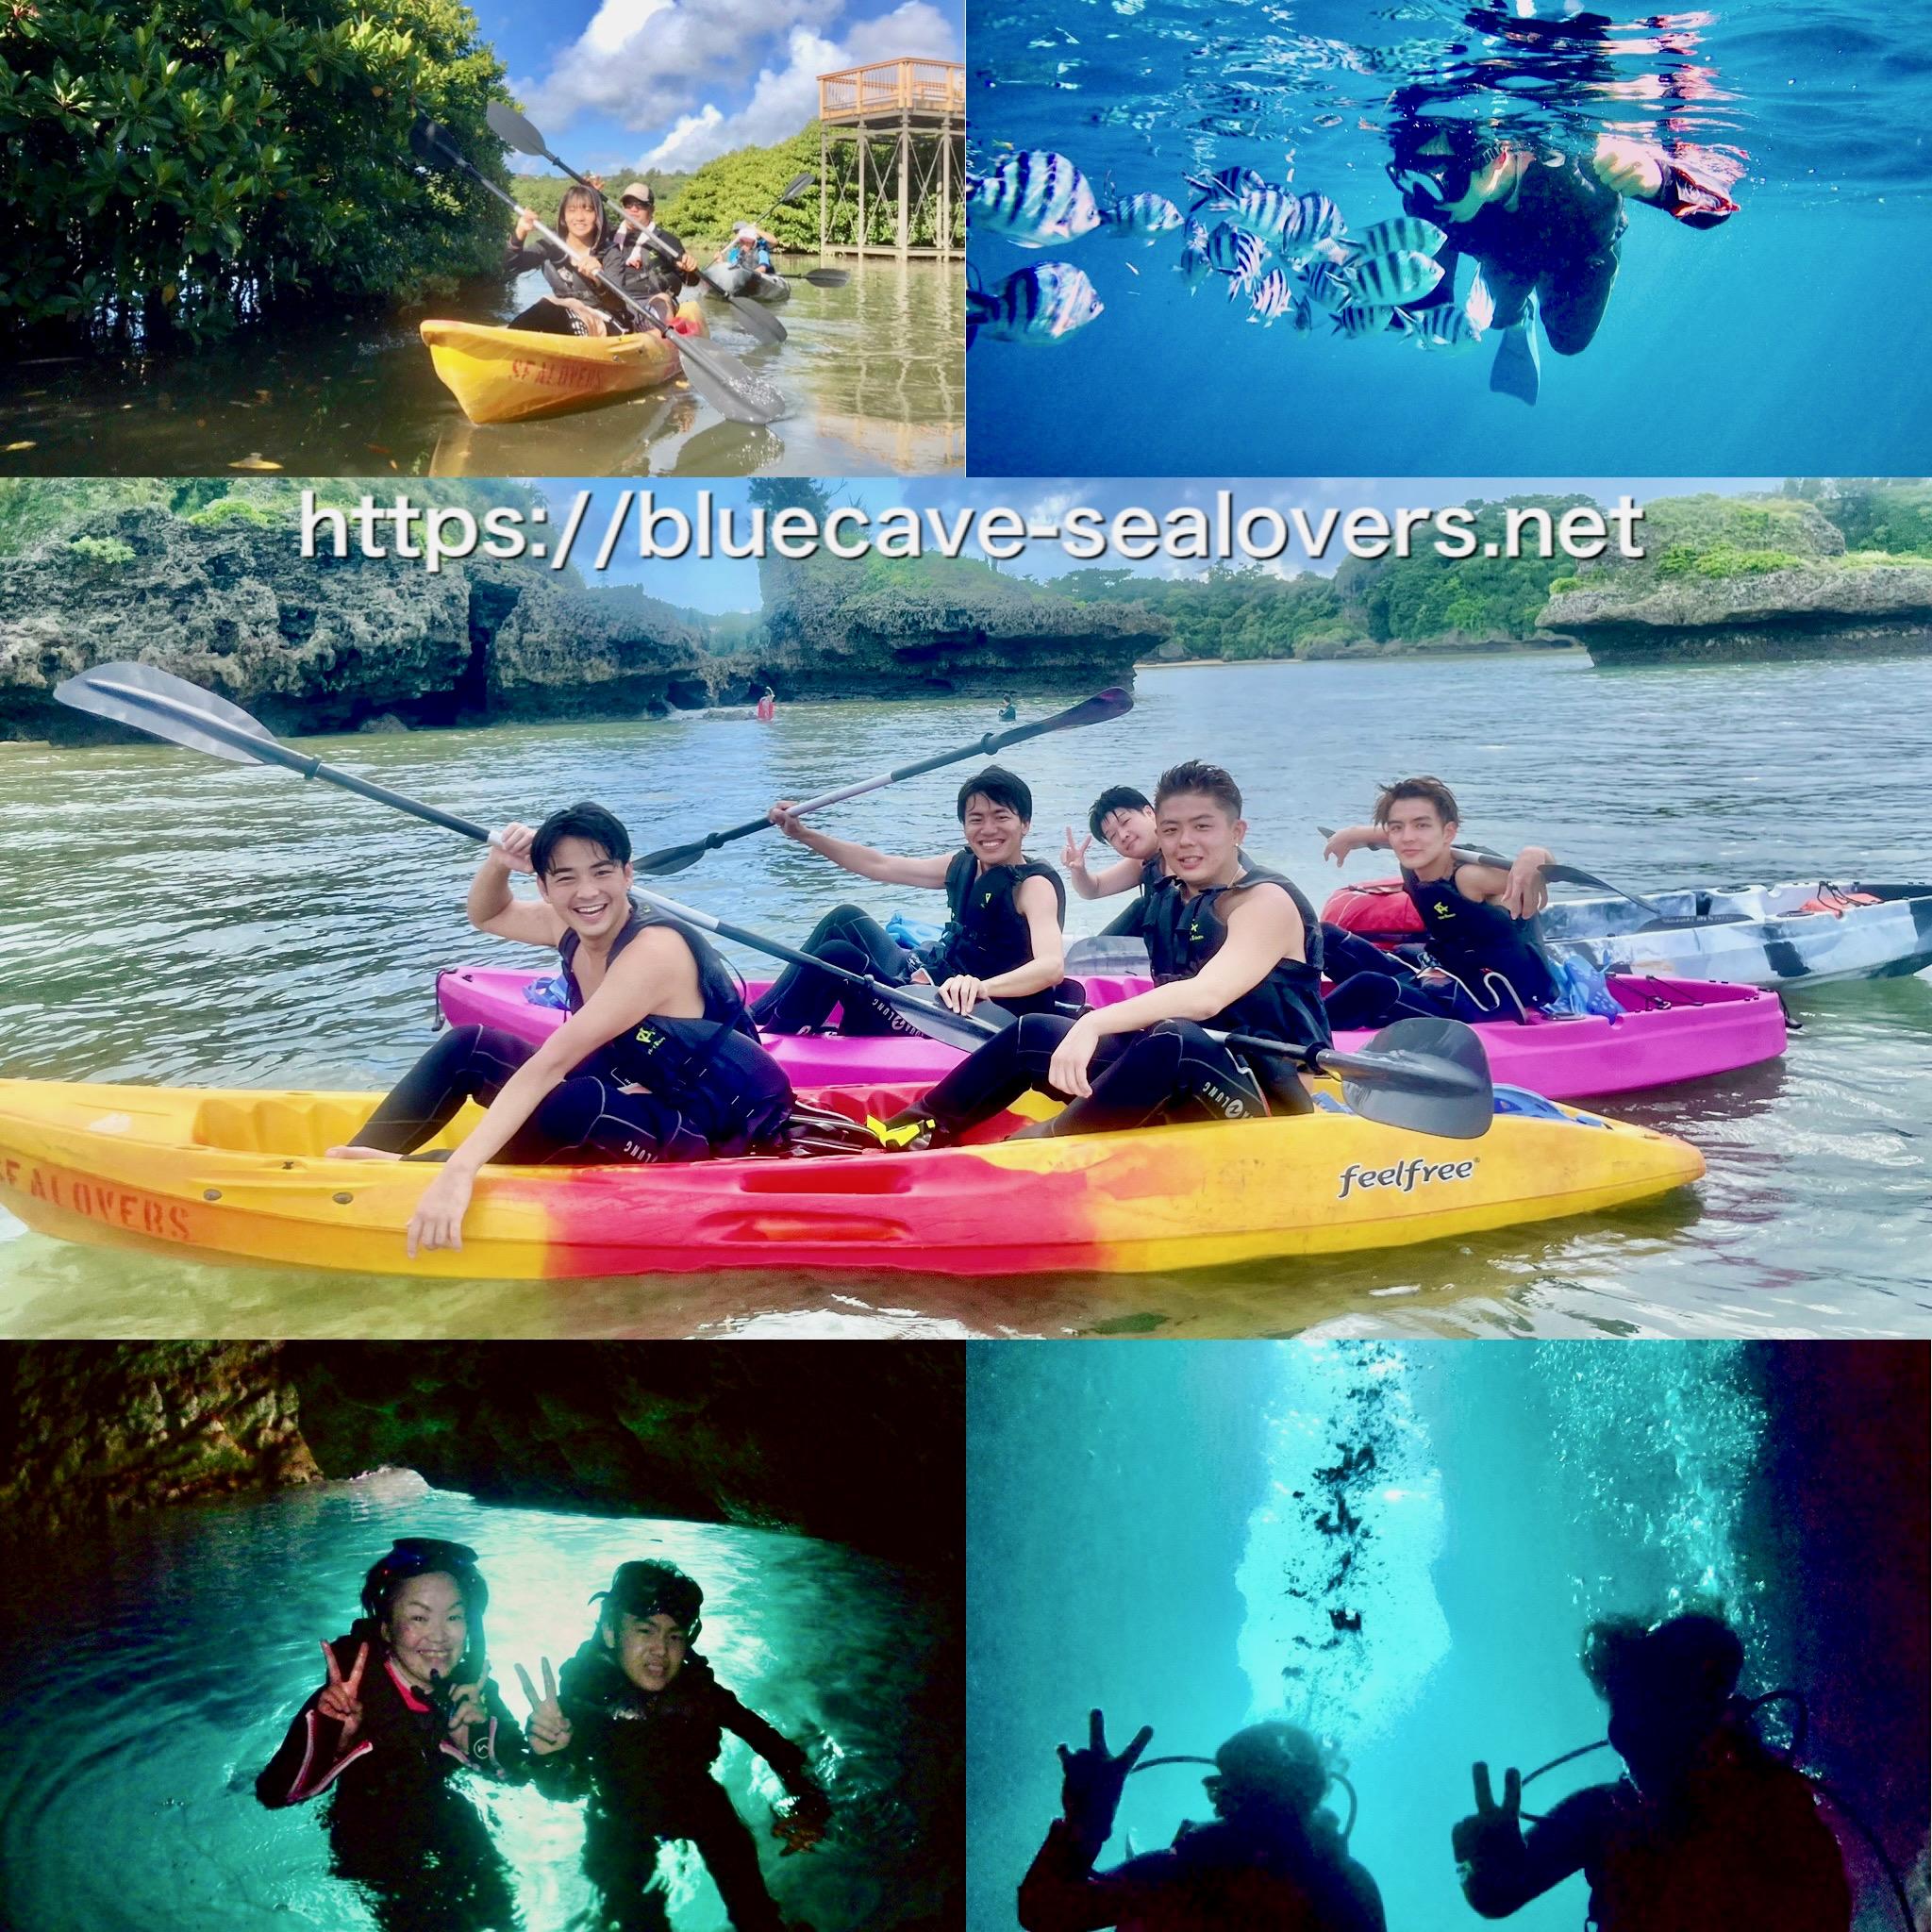 青の洞窟ボート体験ダイビング 青の洞窟ボートシュノーケリング 億首川マングローブカヤック シーカヤック&シュノーケリング